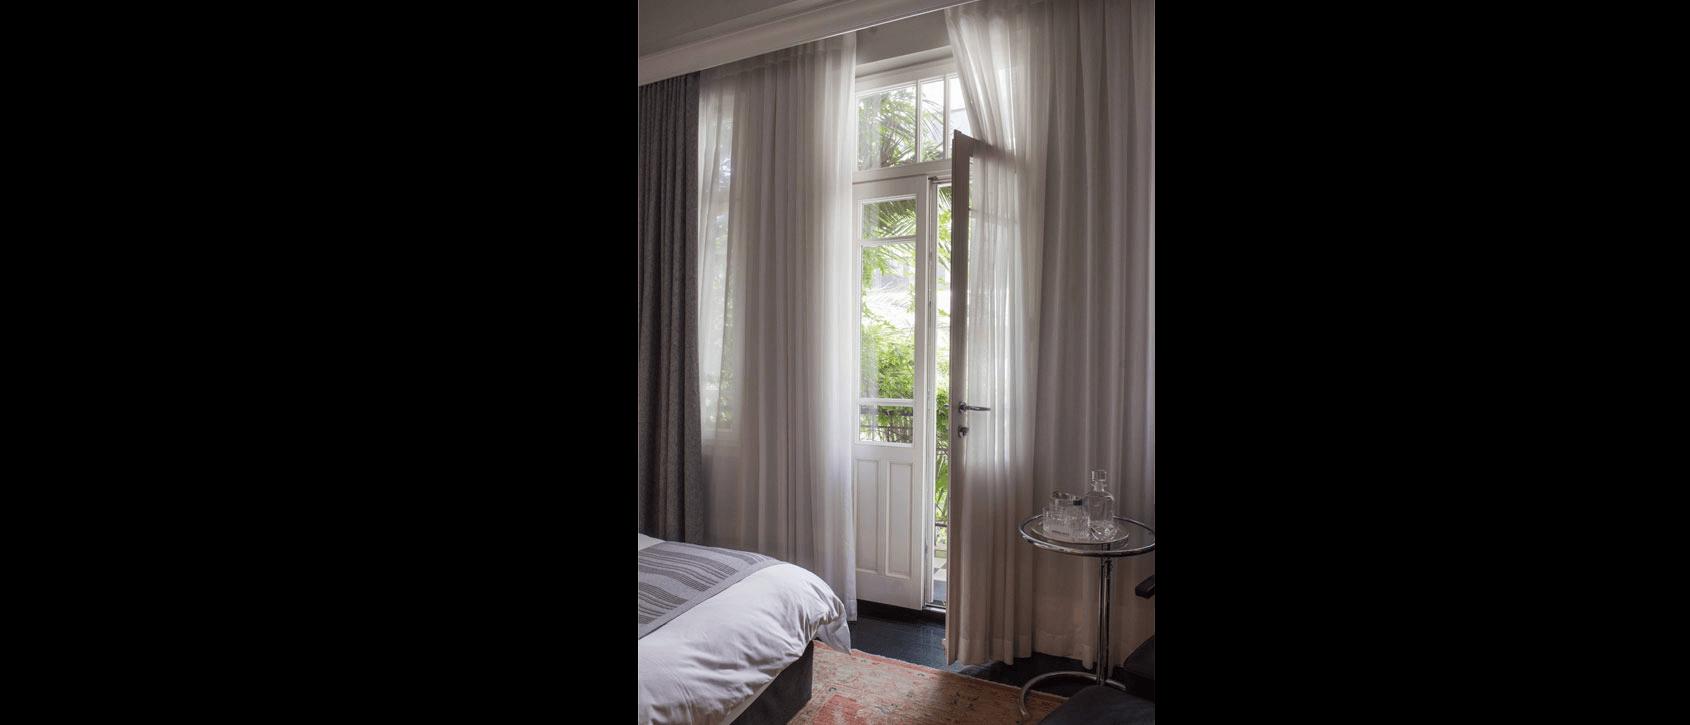 montefiore-hotel-trans-1